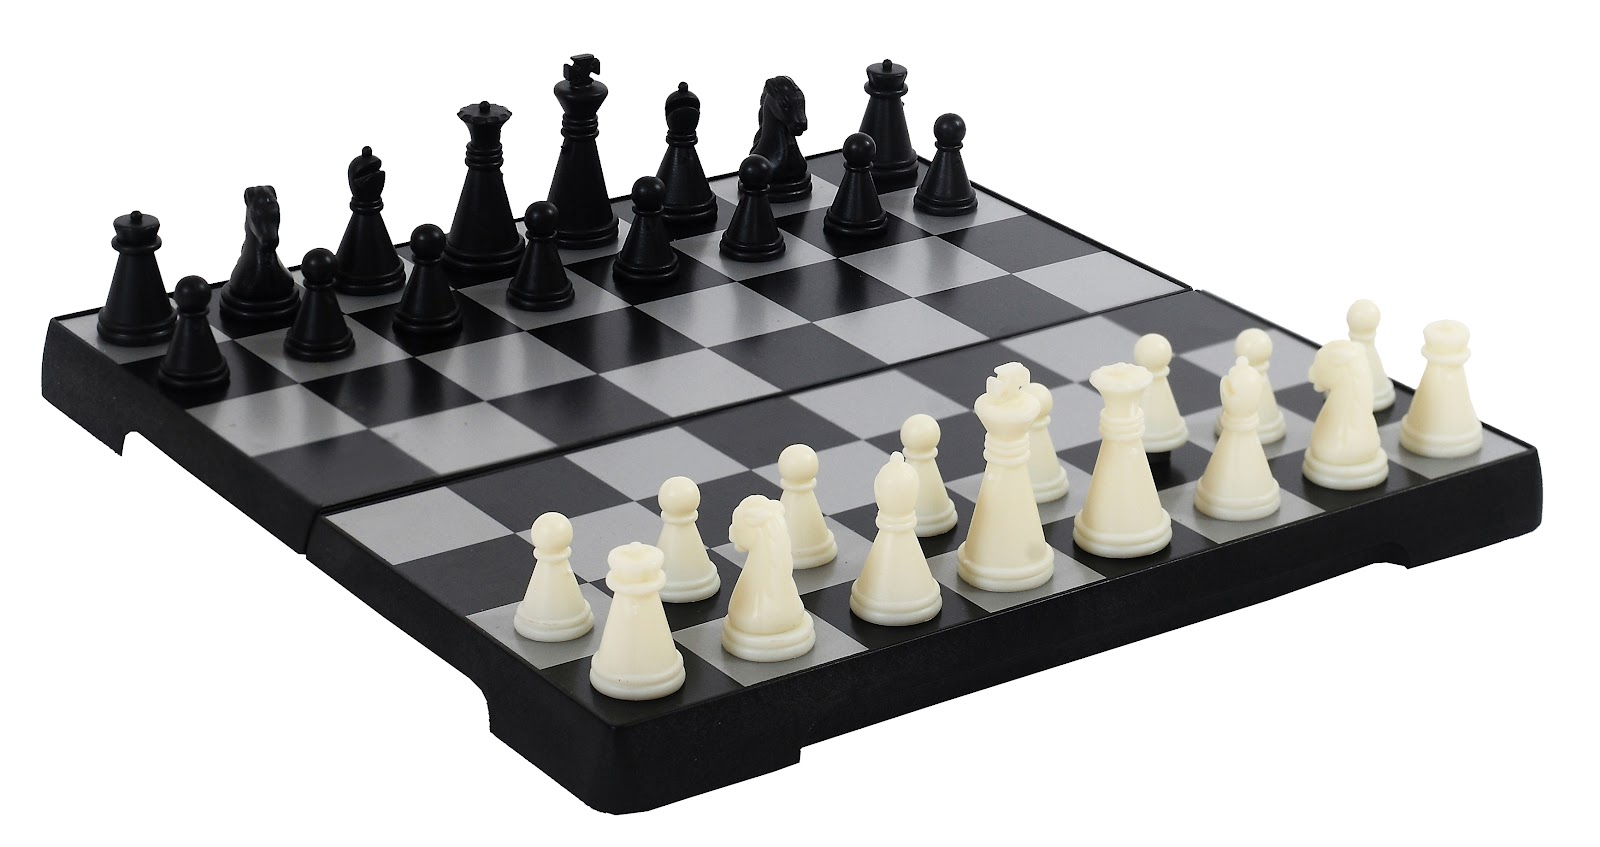 Au yX2YpLP9PA6PRR Tc MhVZ JQvCcLxsUFdczTwhIqbmekHs3XNTZKYe3Y5VnxNnM2hJjcWibBvGrvrLvk2 6CE5LssdcS8LOTyhdYe20YI Classic Board Games